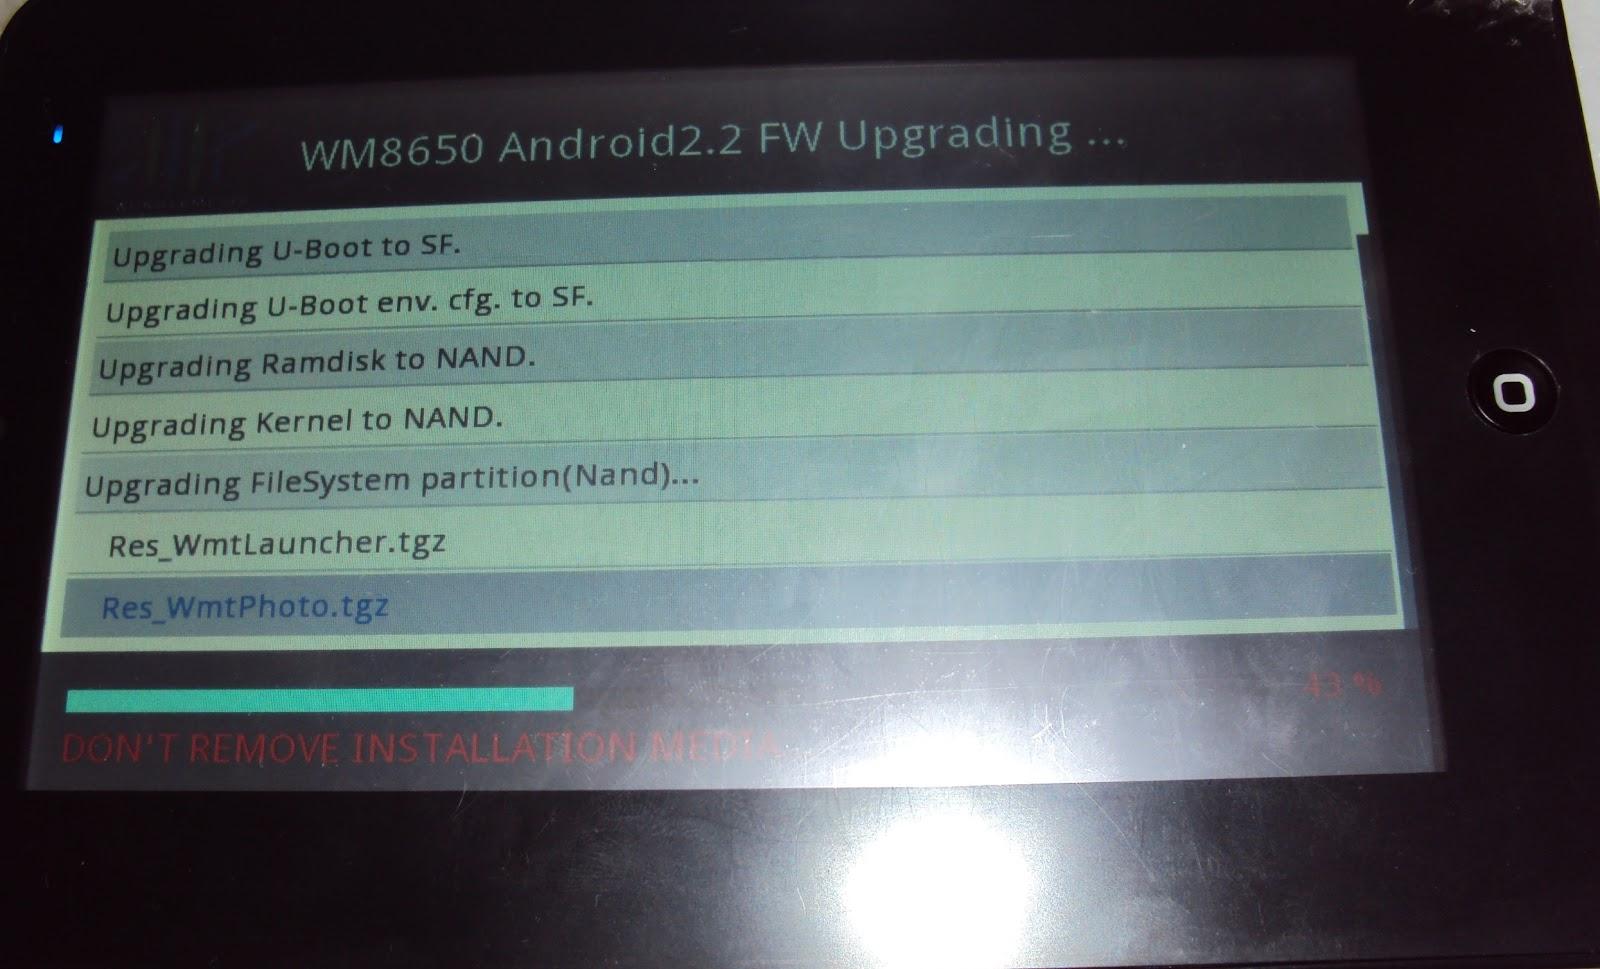 com Tablet Android TM OS 2.2, Kernel 2.6.32, Build Number V1.3.1